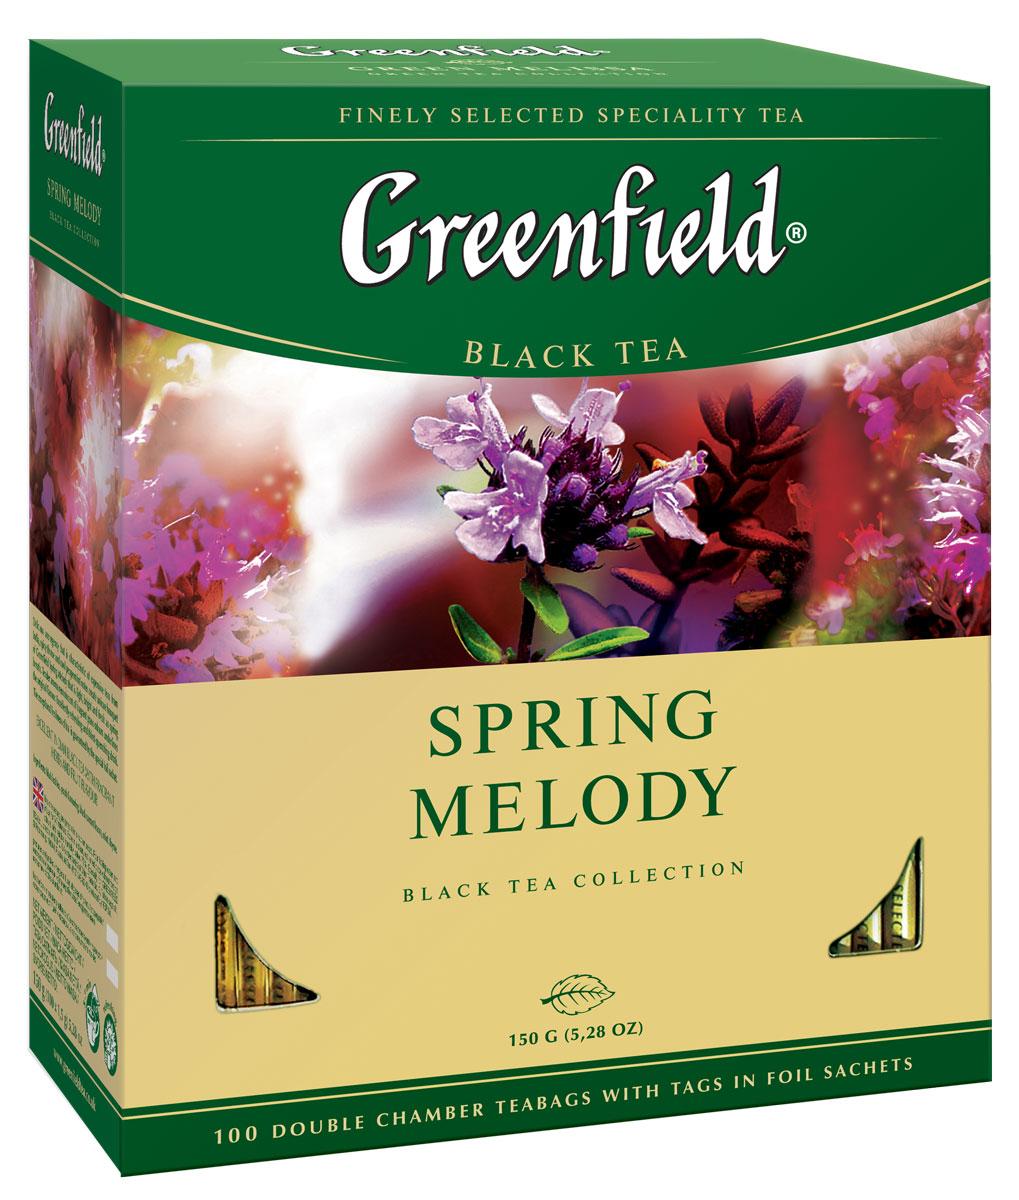 Greenfield Spring Melody черный чай в пакетиках, 100 шт1065-09Приятная терпкость, присущая дорогим сортам индийского чая, пряный оттенок чабреца и прохладная мятная нотка создают неповторимый букет Greenfield Spring Melody - легкий, яркий и свежий, как дыхание весны. Нежный аромат, в котором слышится благоухание душистых трав, подчеркивает индивидуальность вкуса. Хорошо освежает и утоляет жажду.Всё о чае: сорта, факты, советы по выбору и употреблению. Статья OZON Гид